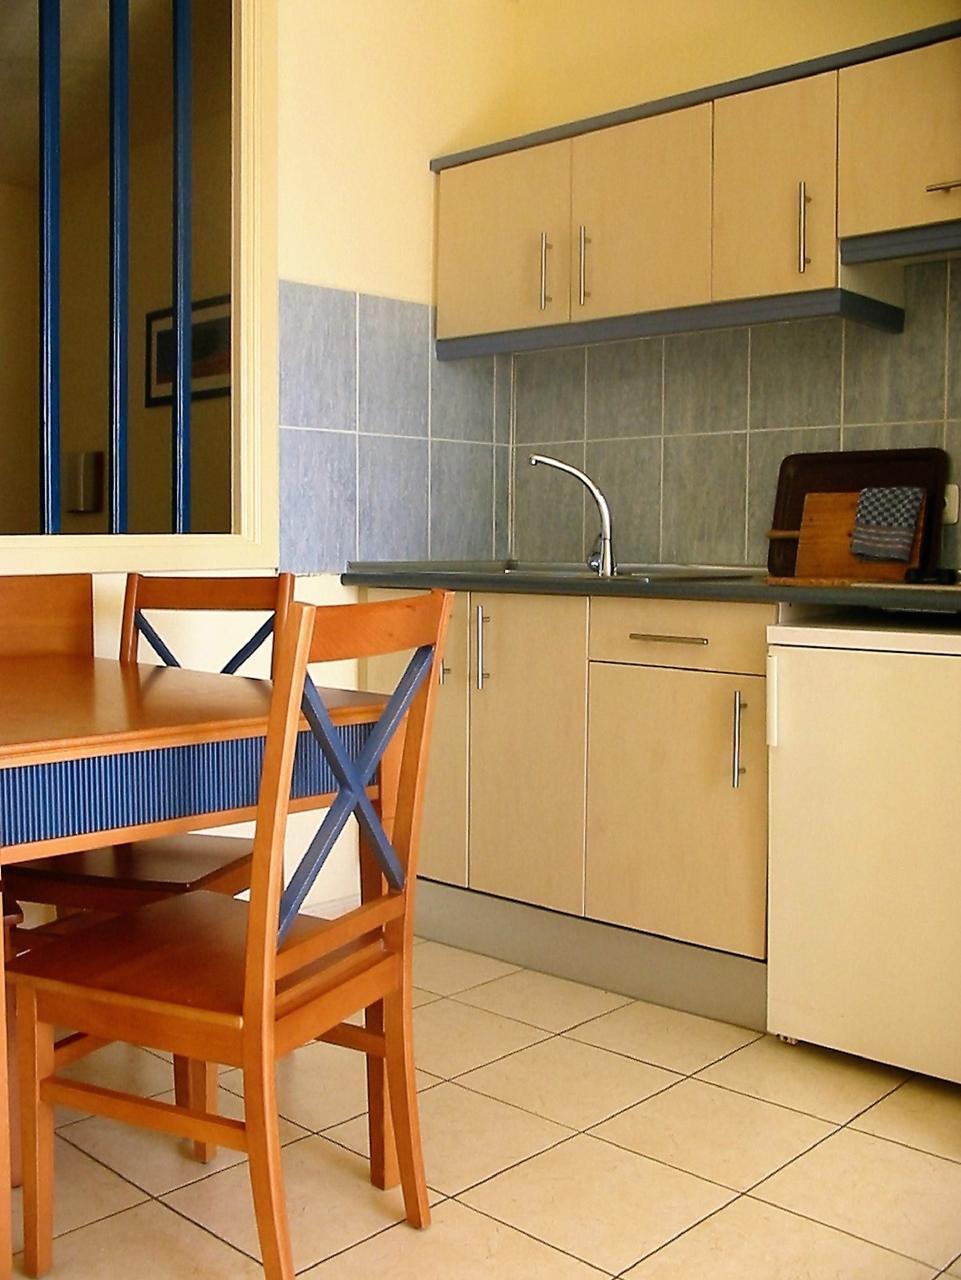 Ferienwohnung Apartment 2 / 4p am Strand und mit allen Dienstleistungen, mit Meerblick, Swimmingpools, a (487787), Morro Jable, Fuerteventura, Kanarische Inseln, Spanien, Bild 9